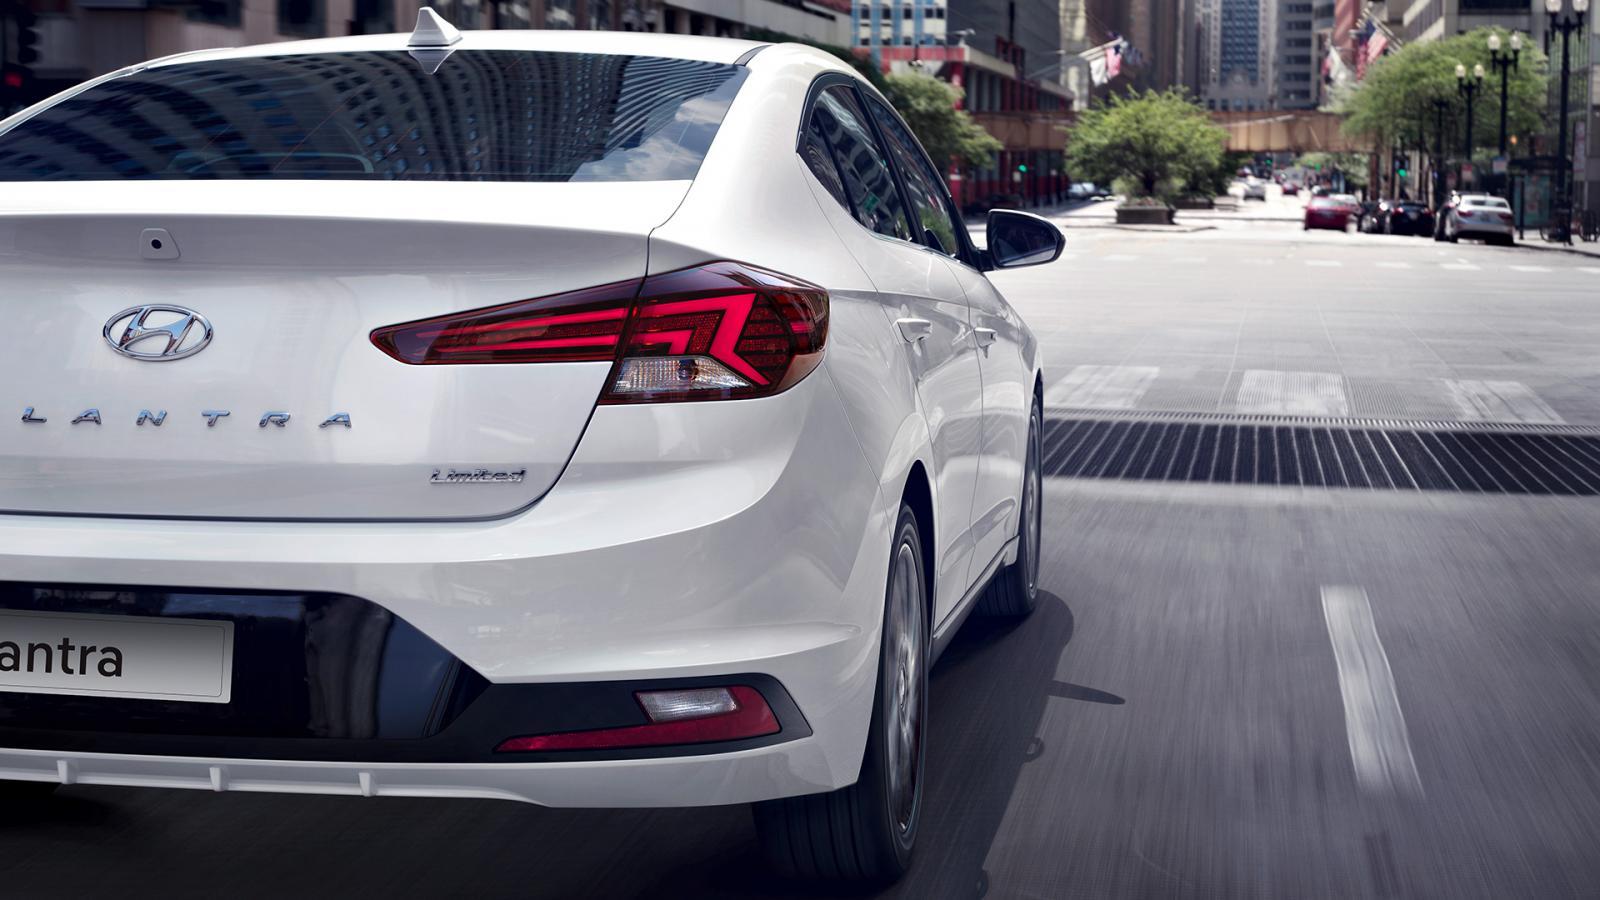 La conducción del Hyundai Elantra Limited Tech Navi 2019 puede resultar decepcionante en ocasiones